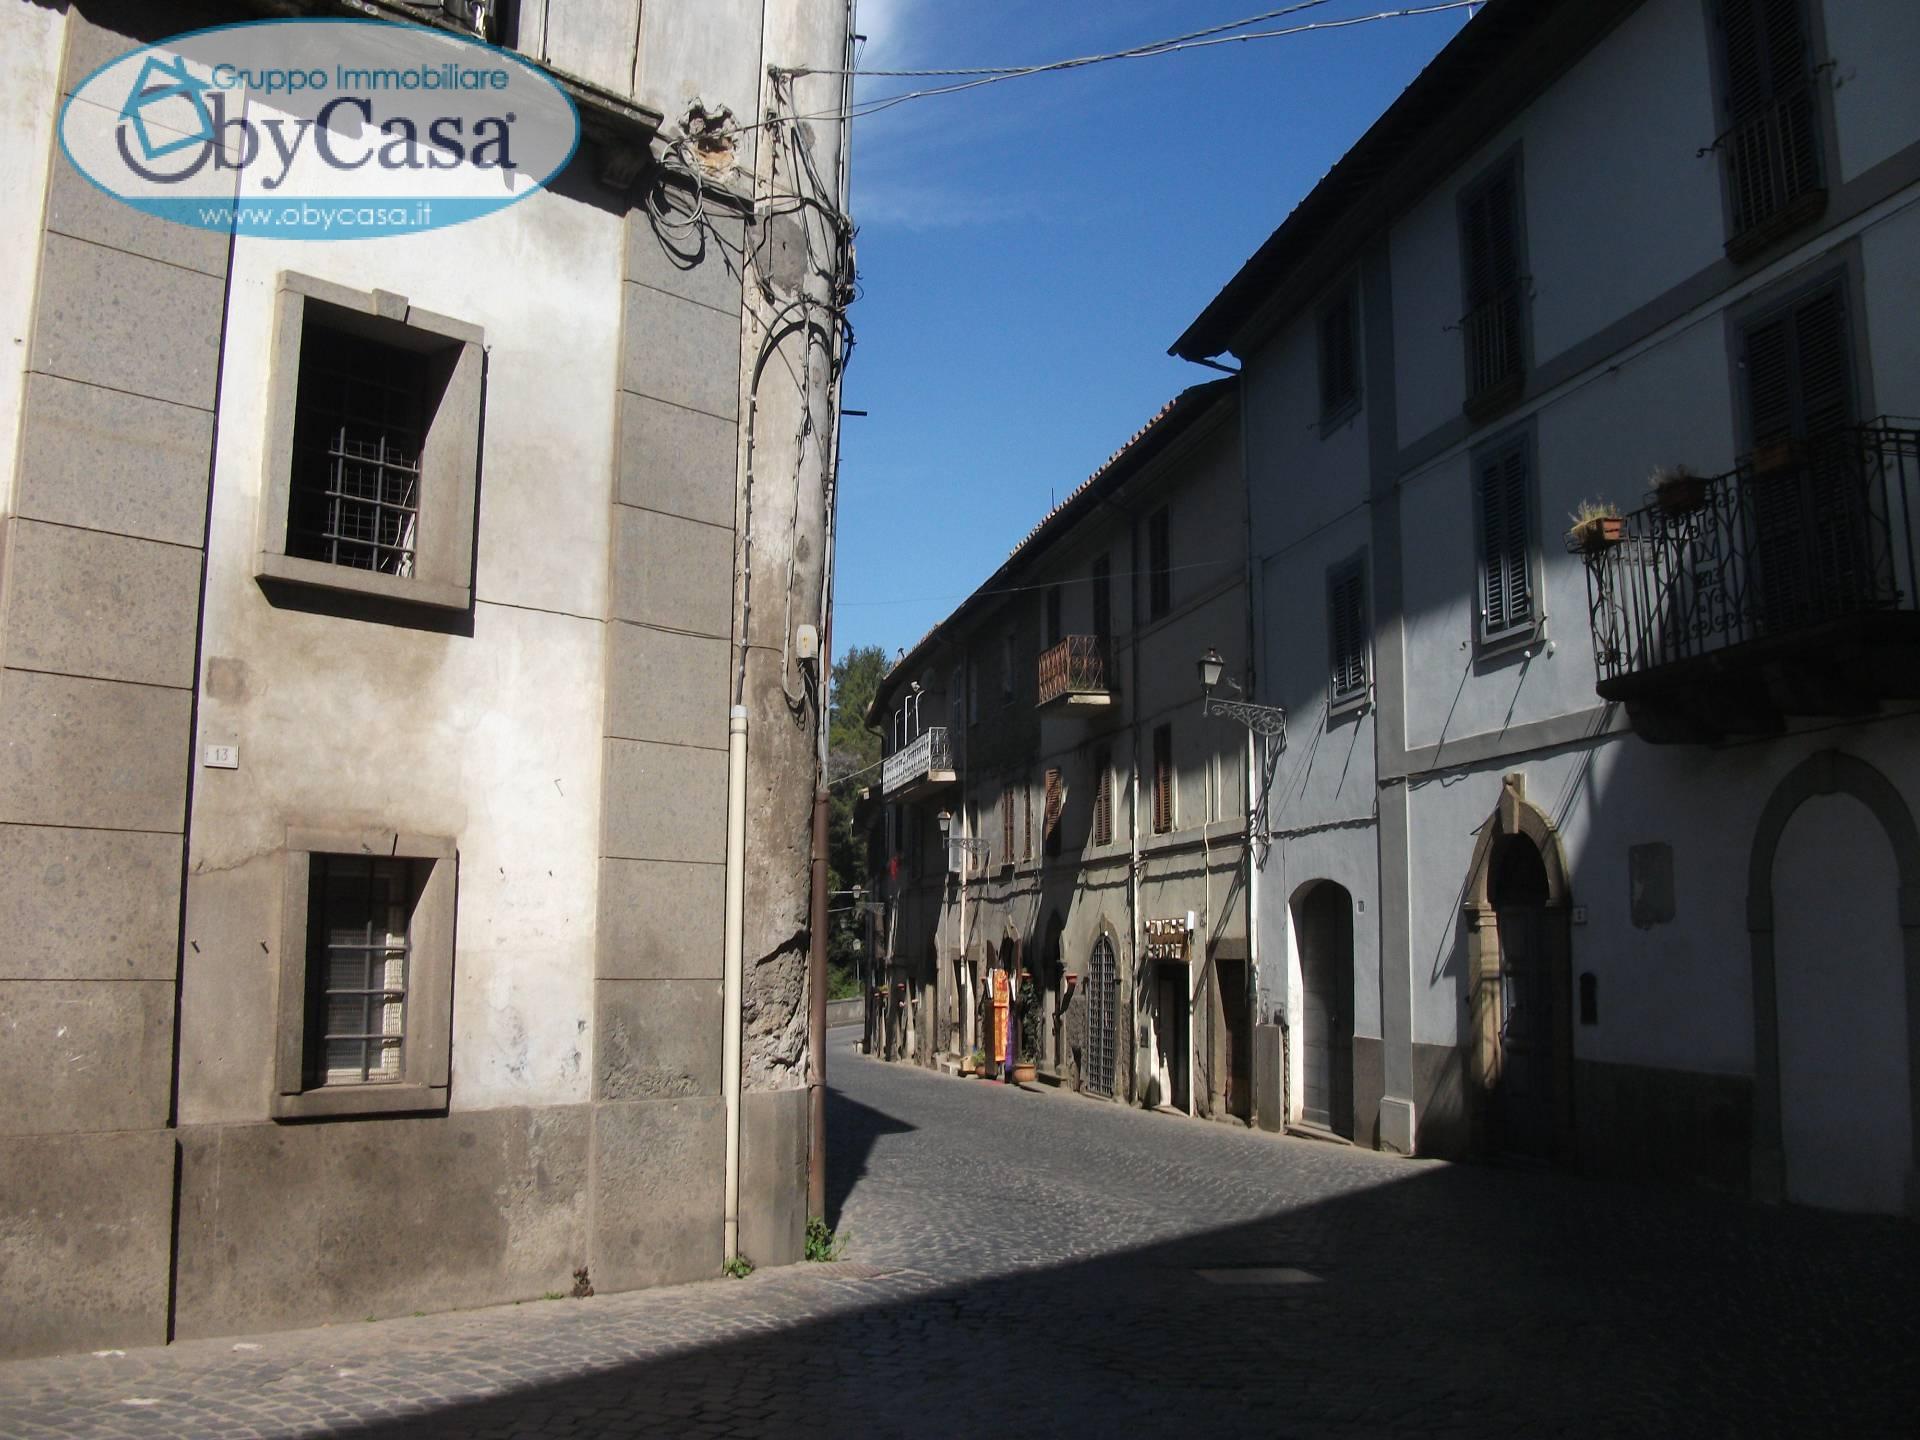 Magazzino in vendita a Bassano Romano, 3 locali, zona Località: bassanoromano, prezzo € 17.000 | Cambio Casa.it